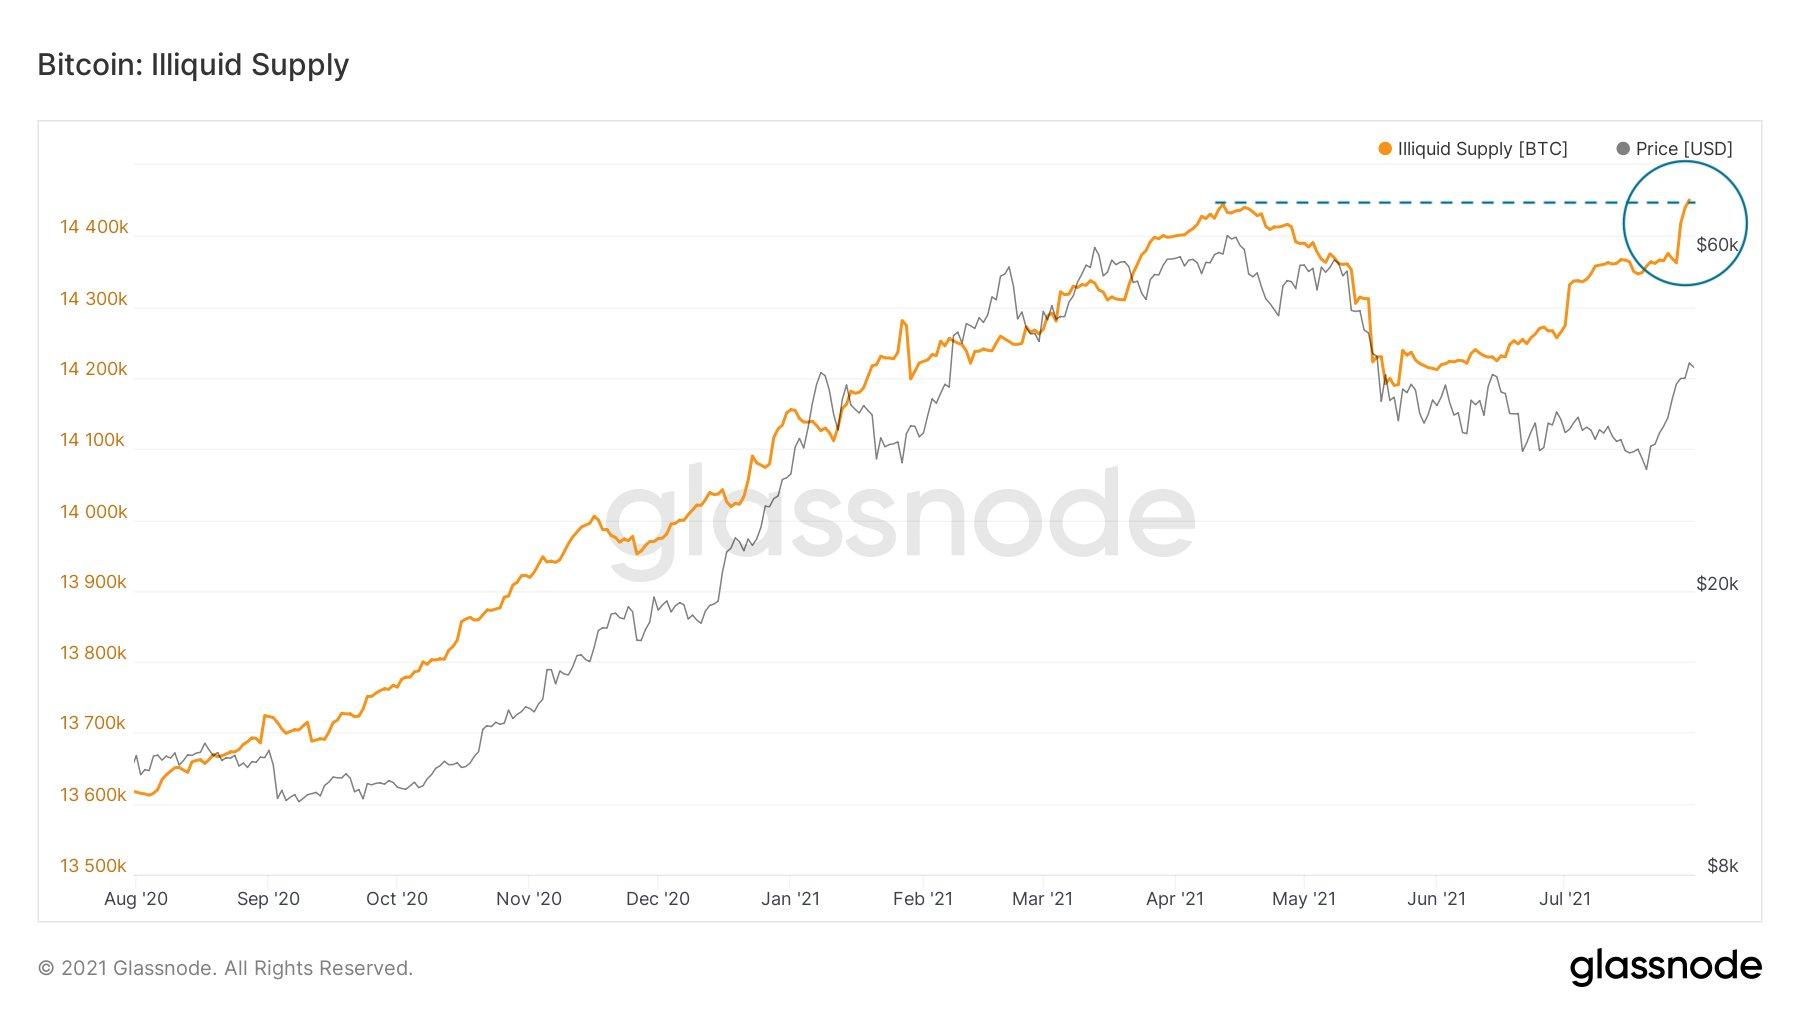 Grafico dell'offerta illiquida di Bitcoin. Fonte: Lex Moskovski/ Twitte